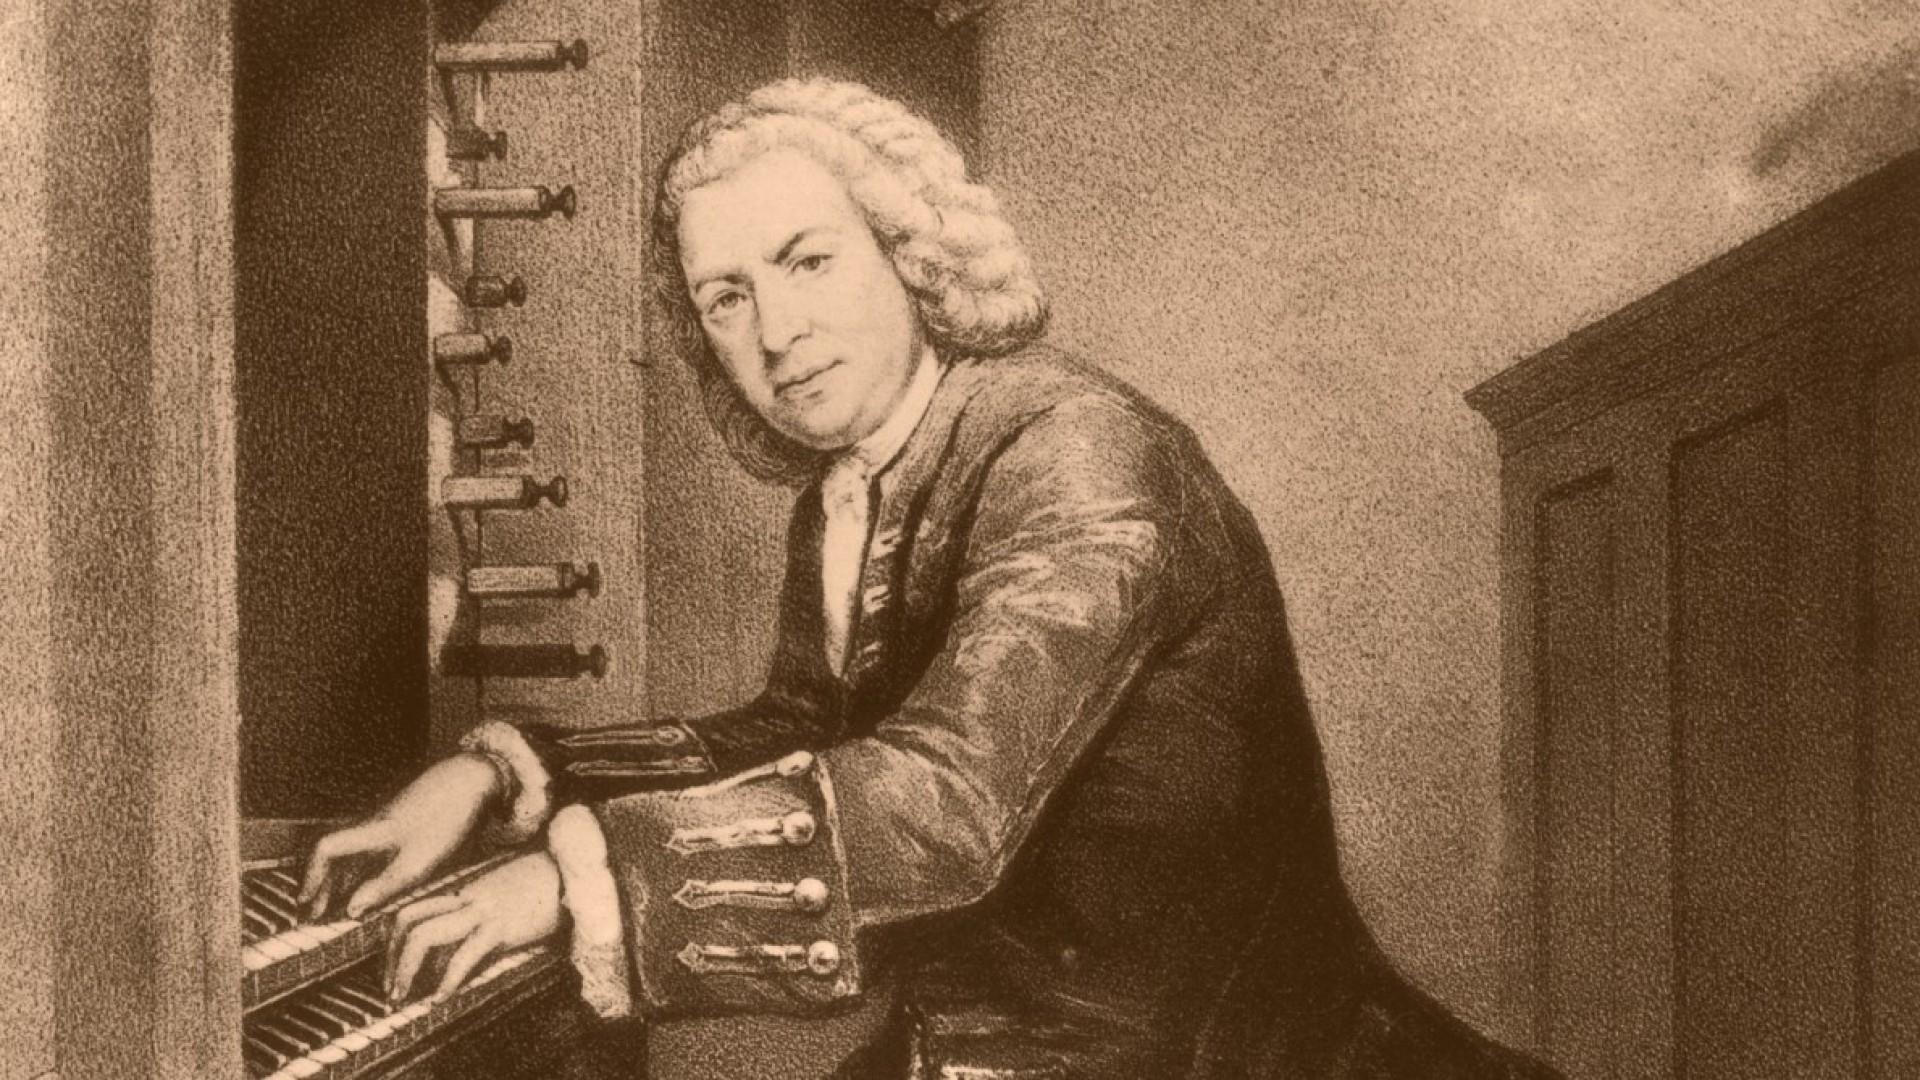 Классическая музыка для релаксации: Иоганн Себастьян Бах